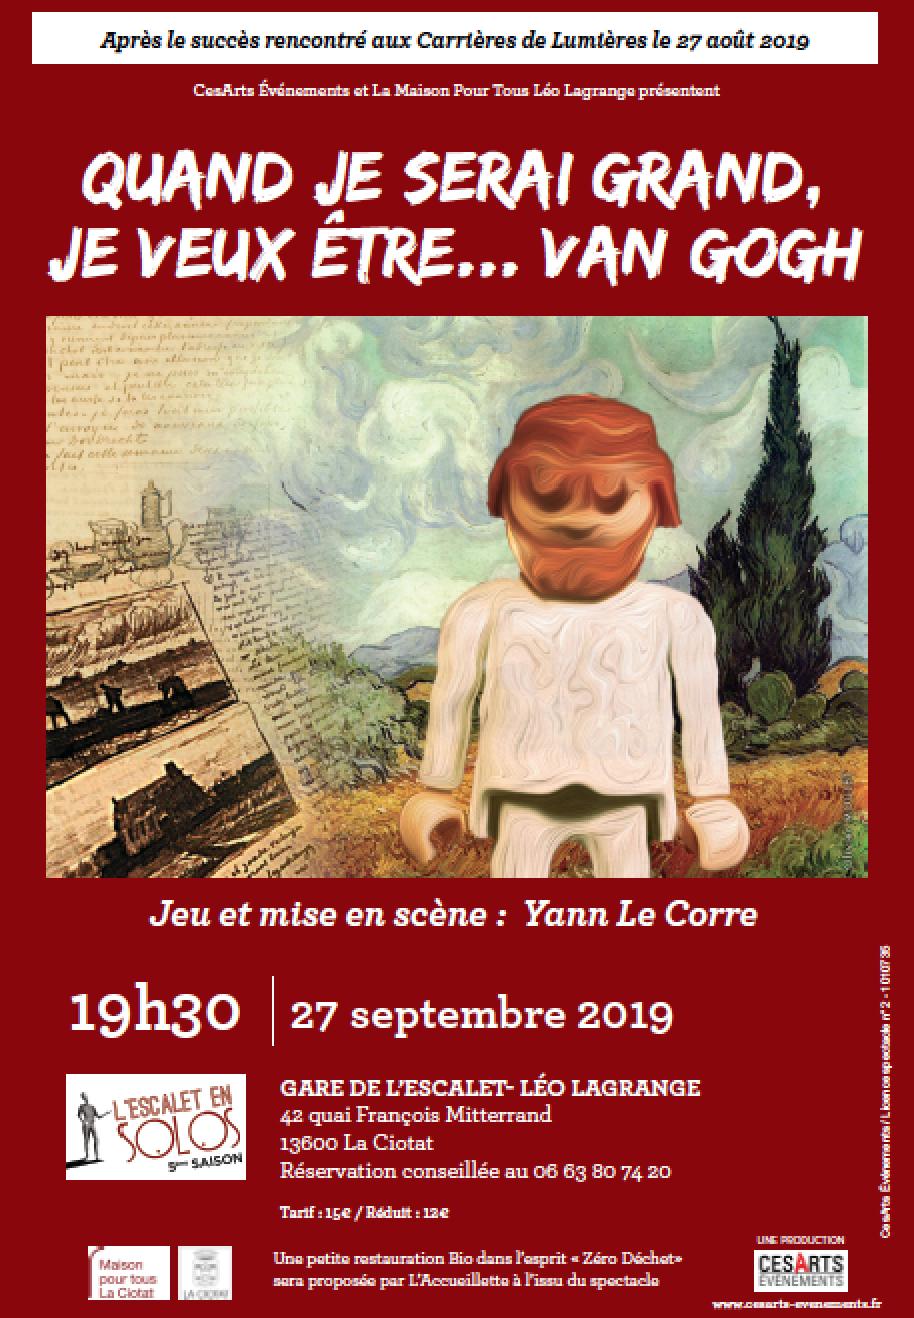 Affiche Van gogh 2019